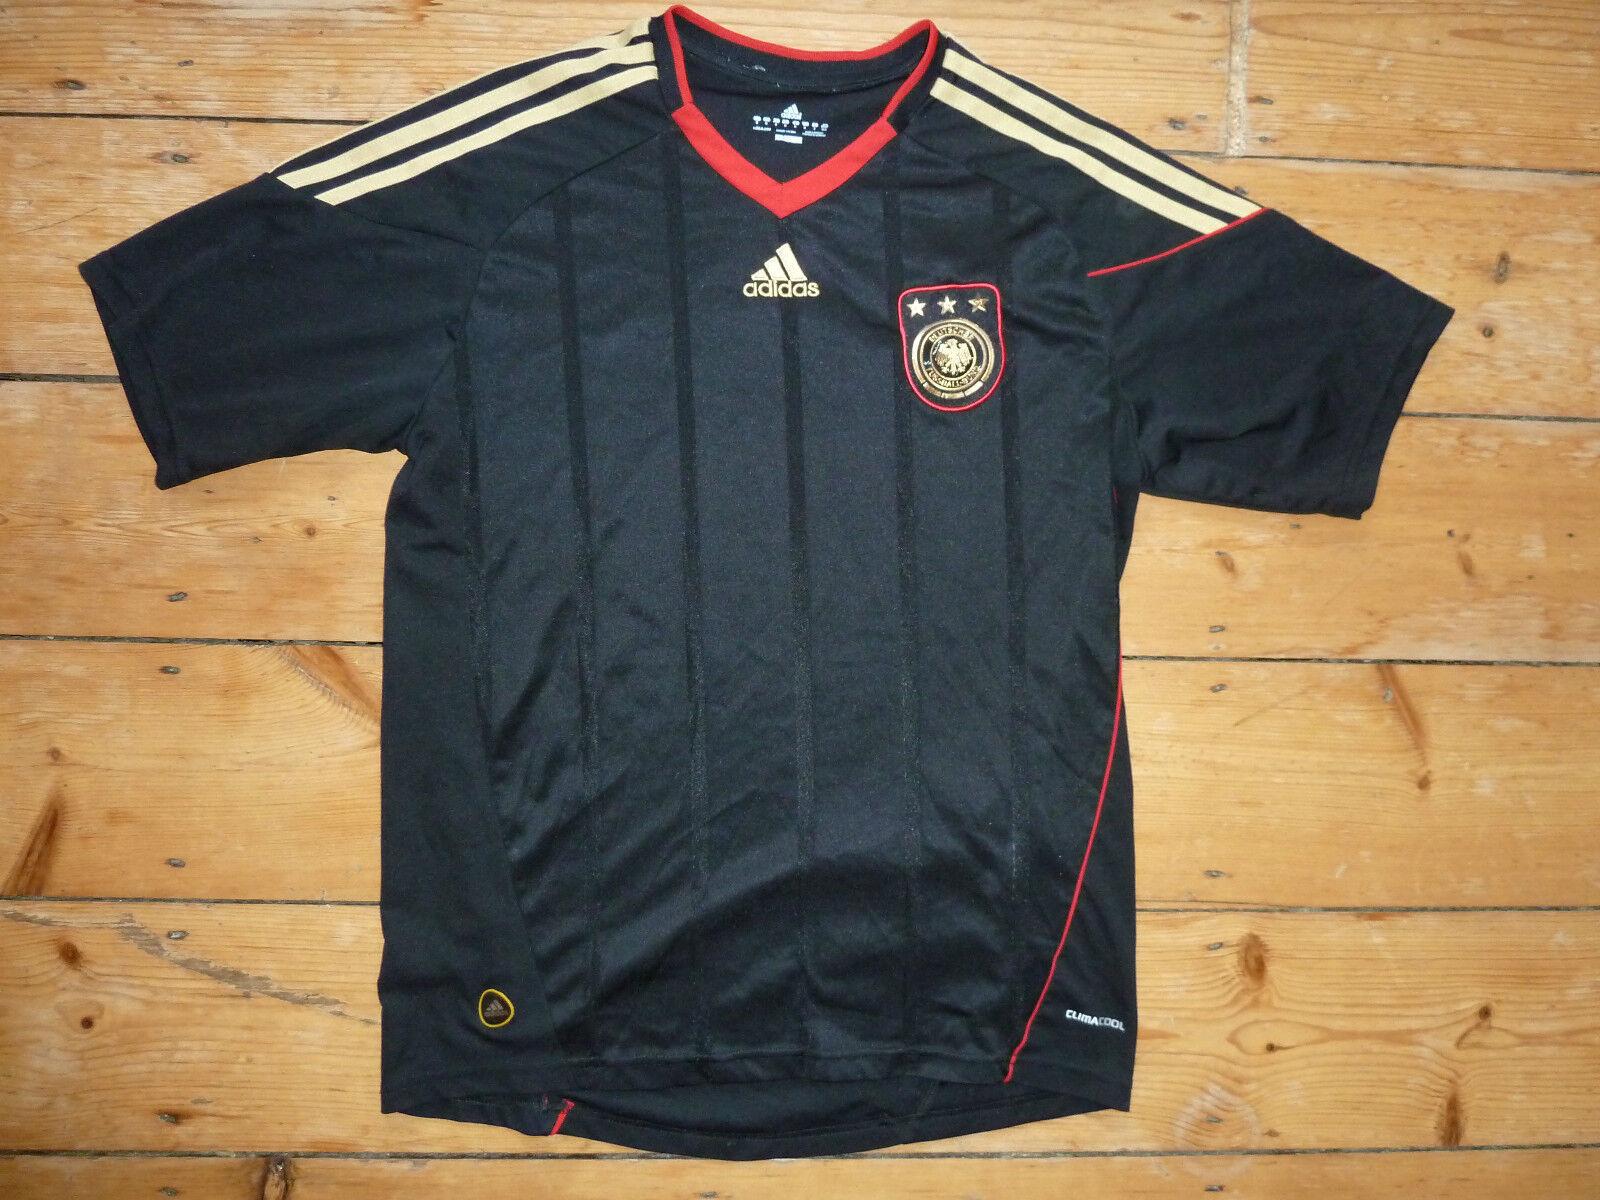 Alemania Camiseta de Fútbol Mediano 2010 Alemán Adidas Original Euro 16